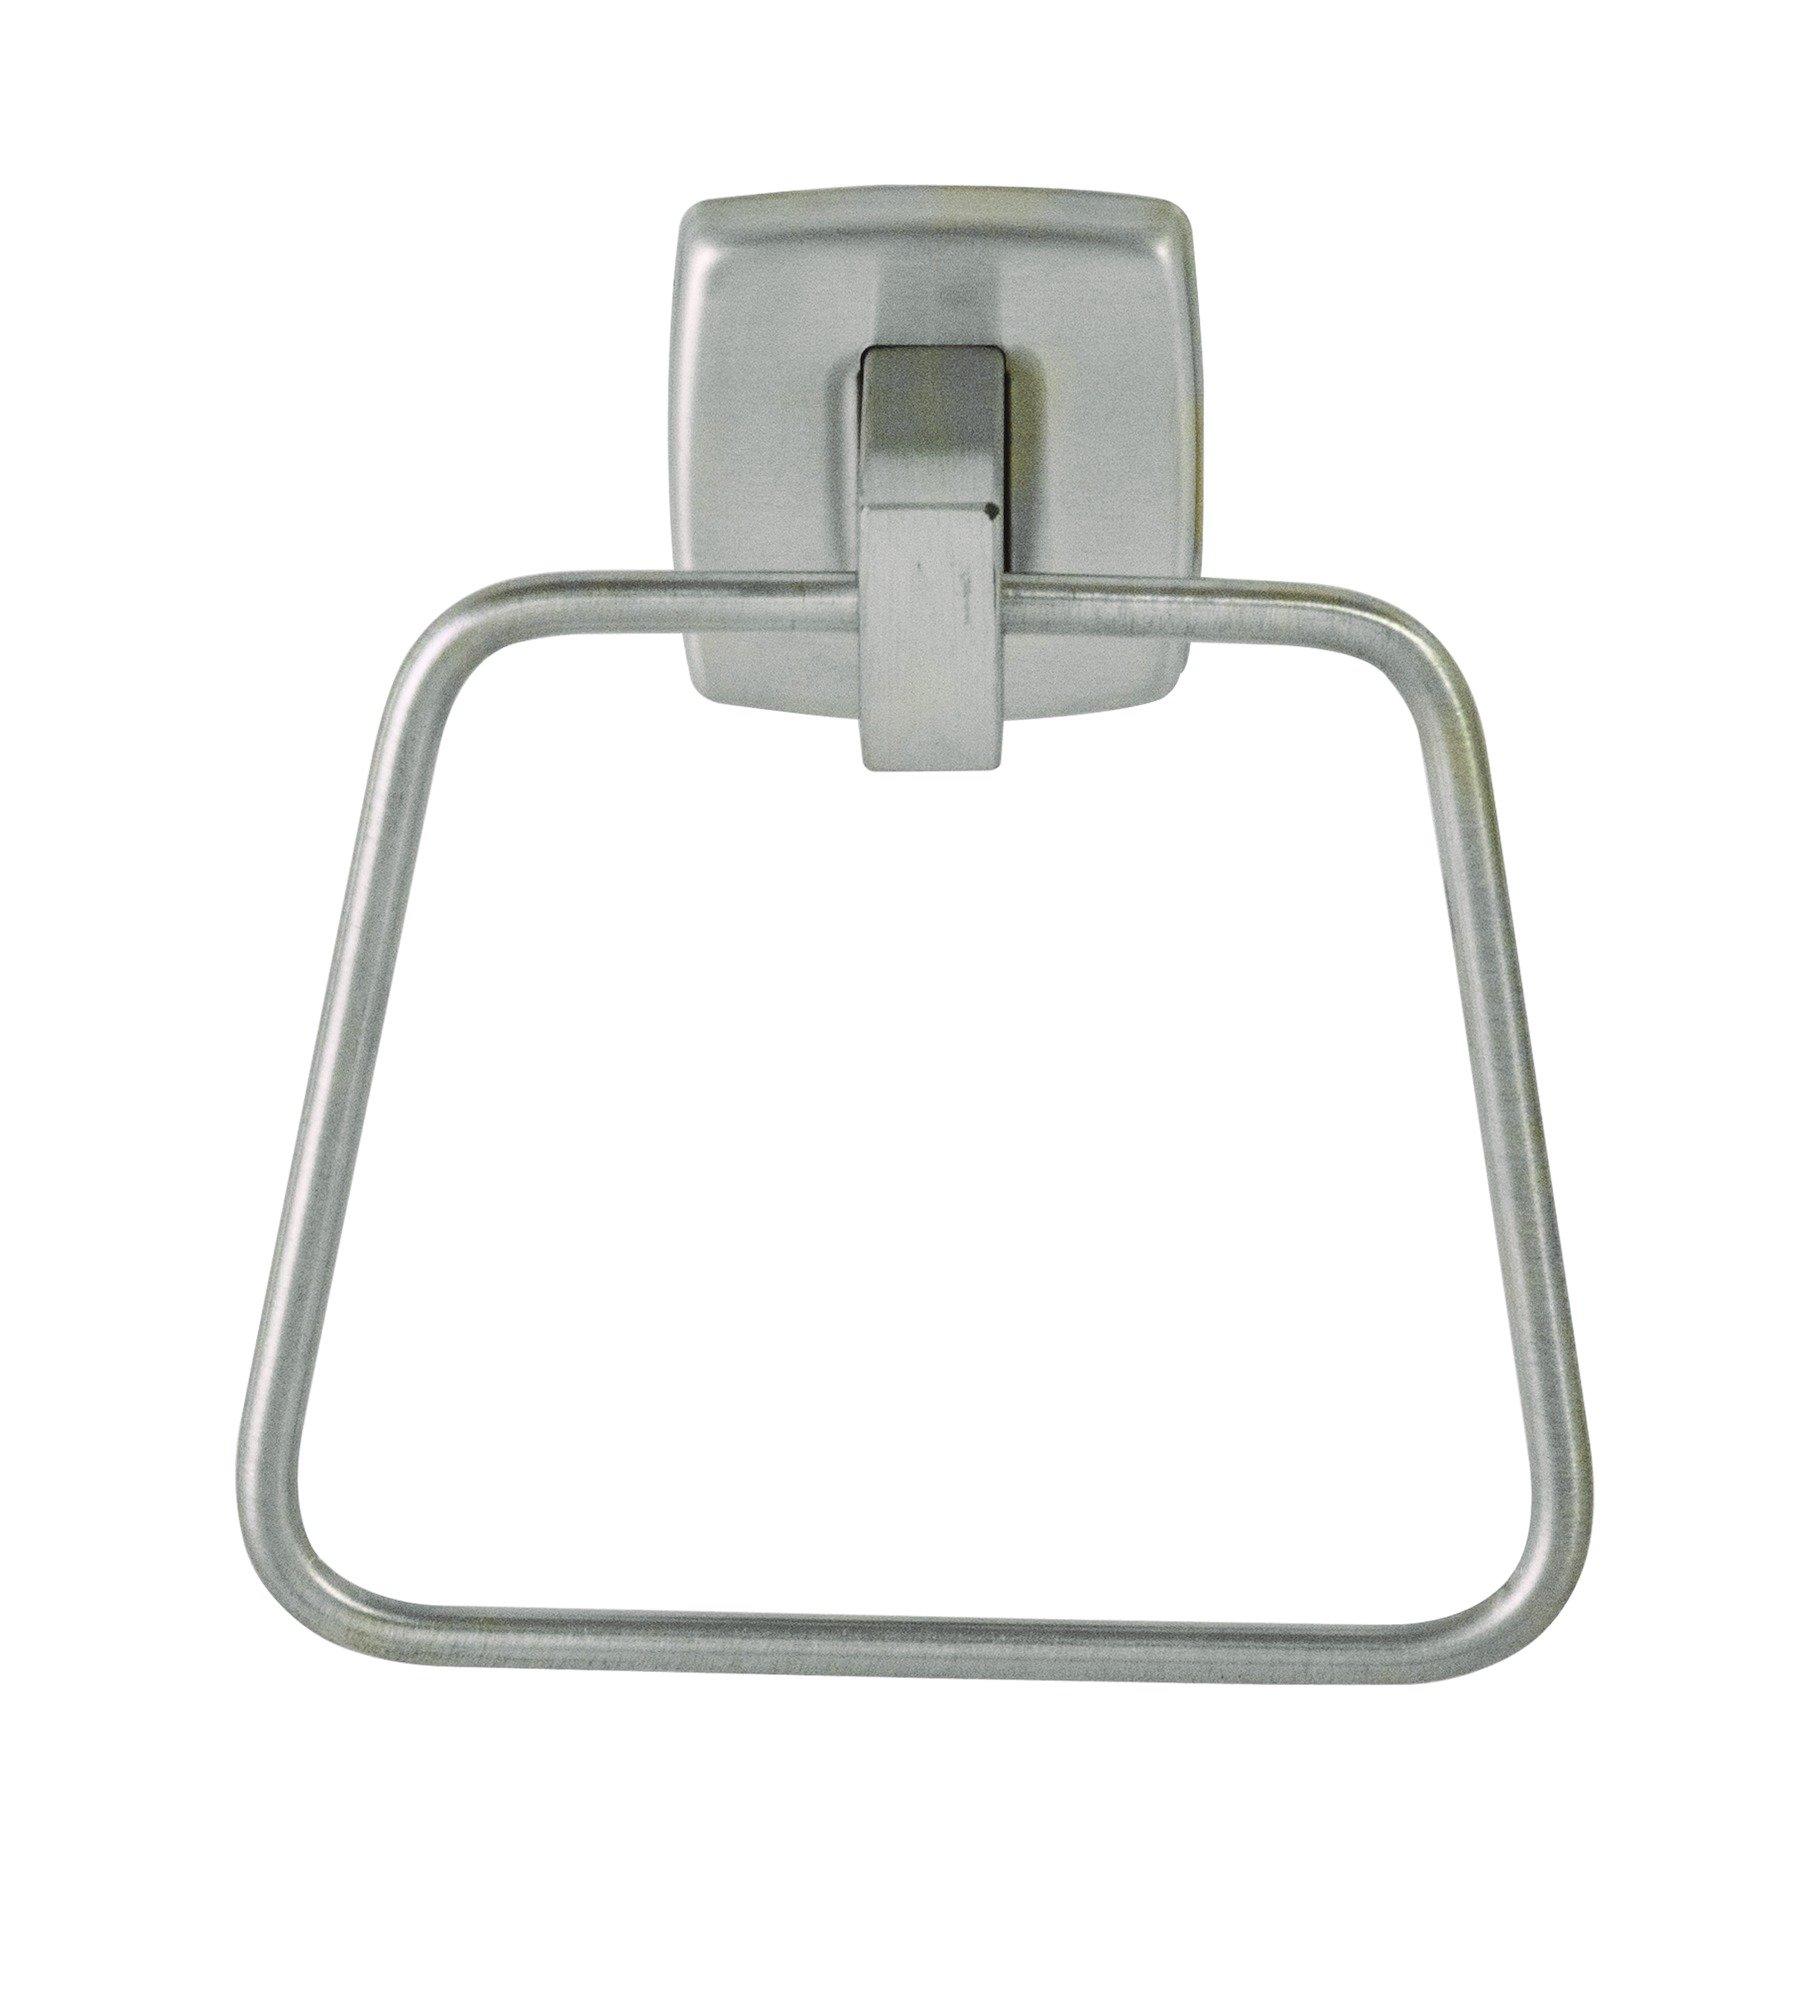 Stainless Steel Towel Rings 9334   Accurate Door & Hardware, Inc.